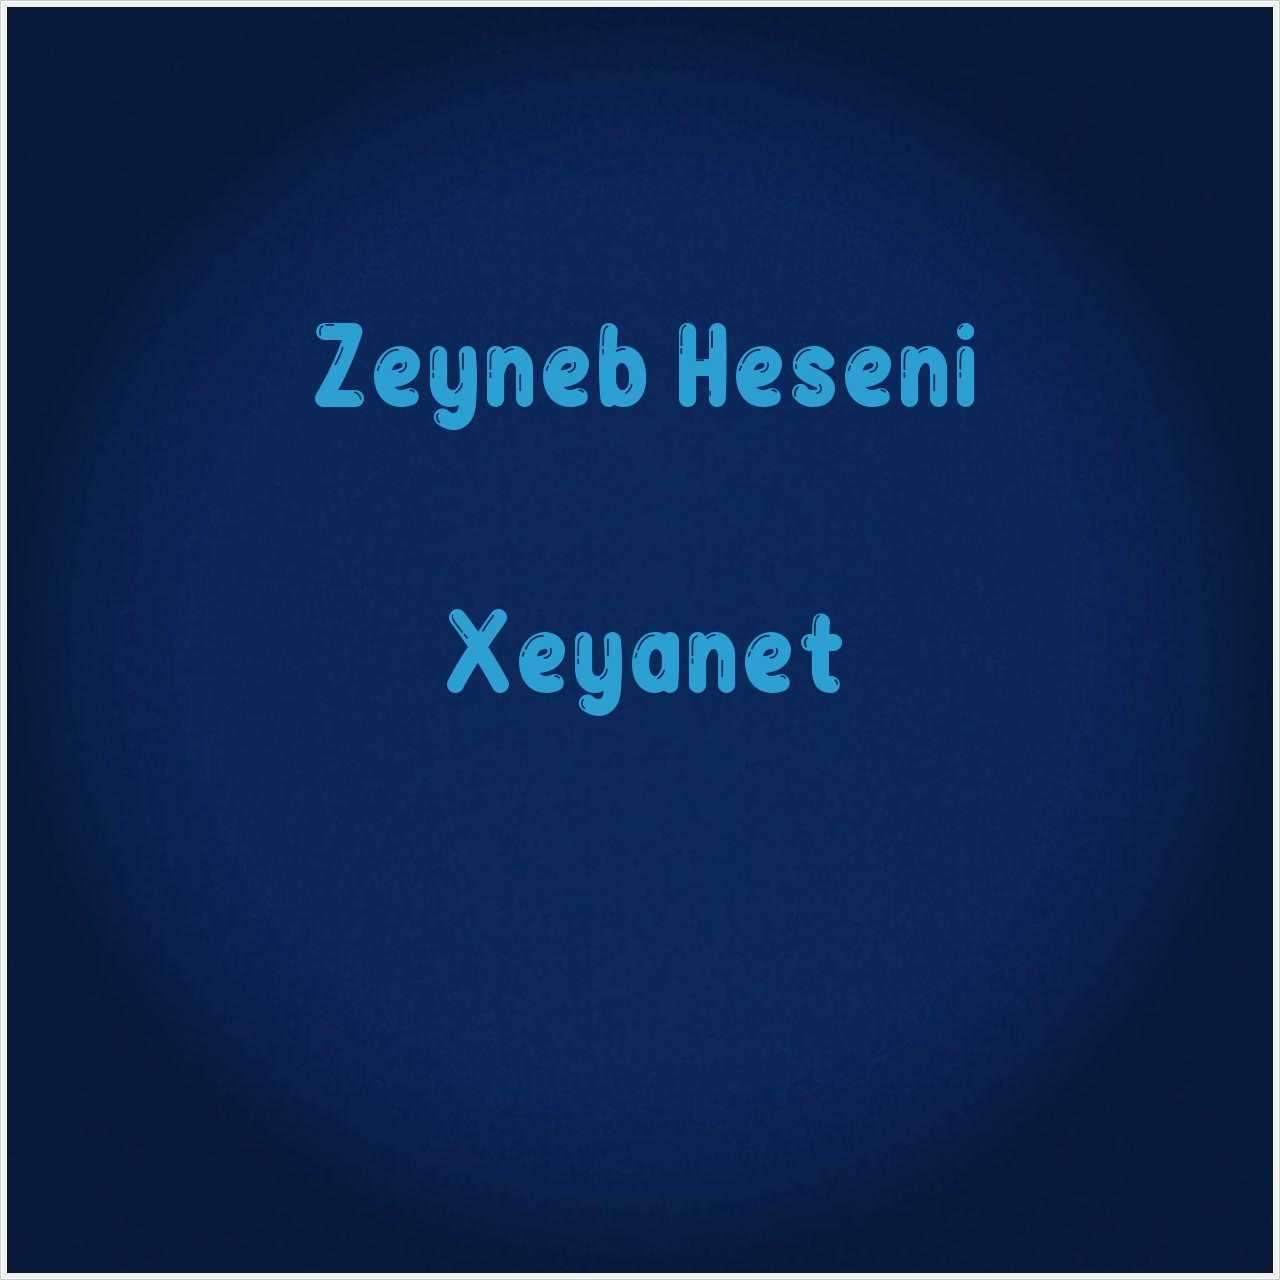 دانلود آهنگ جدید Zeyneb Heseni به نام Xeyanet